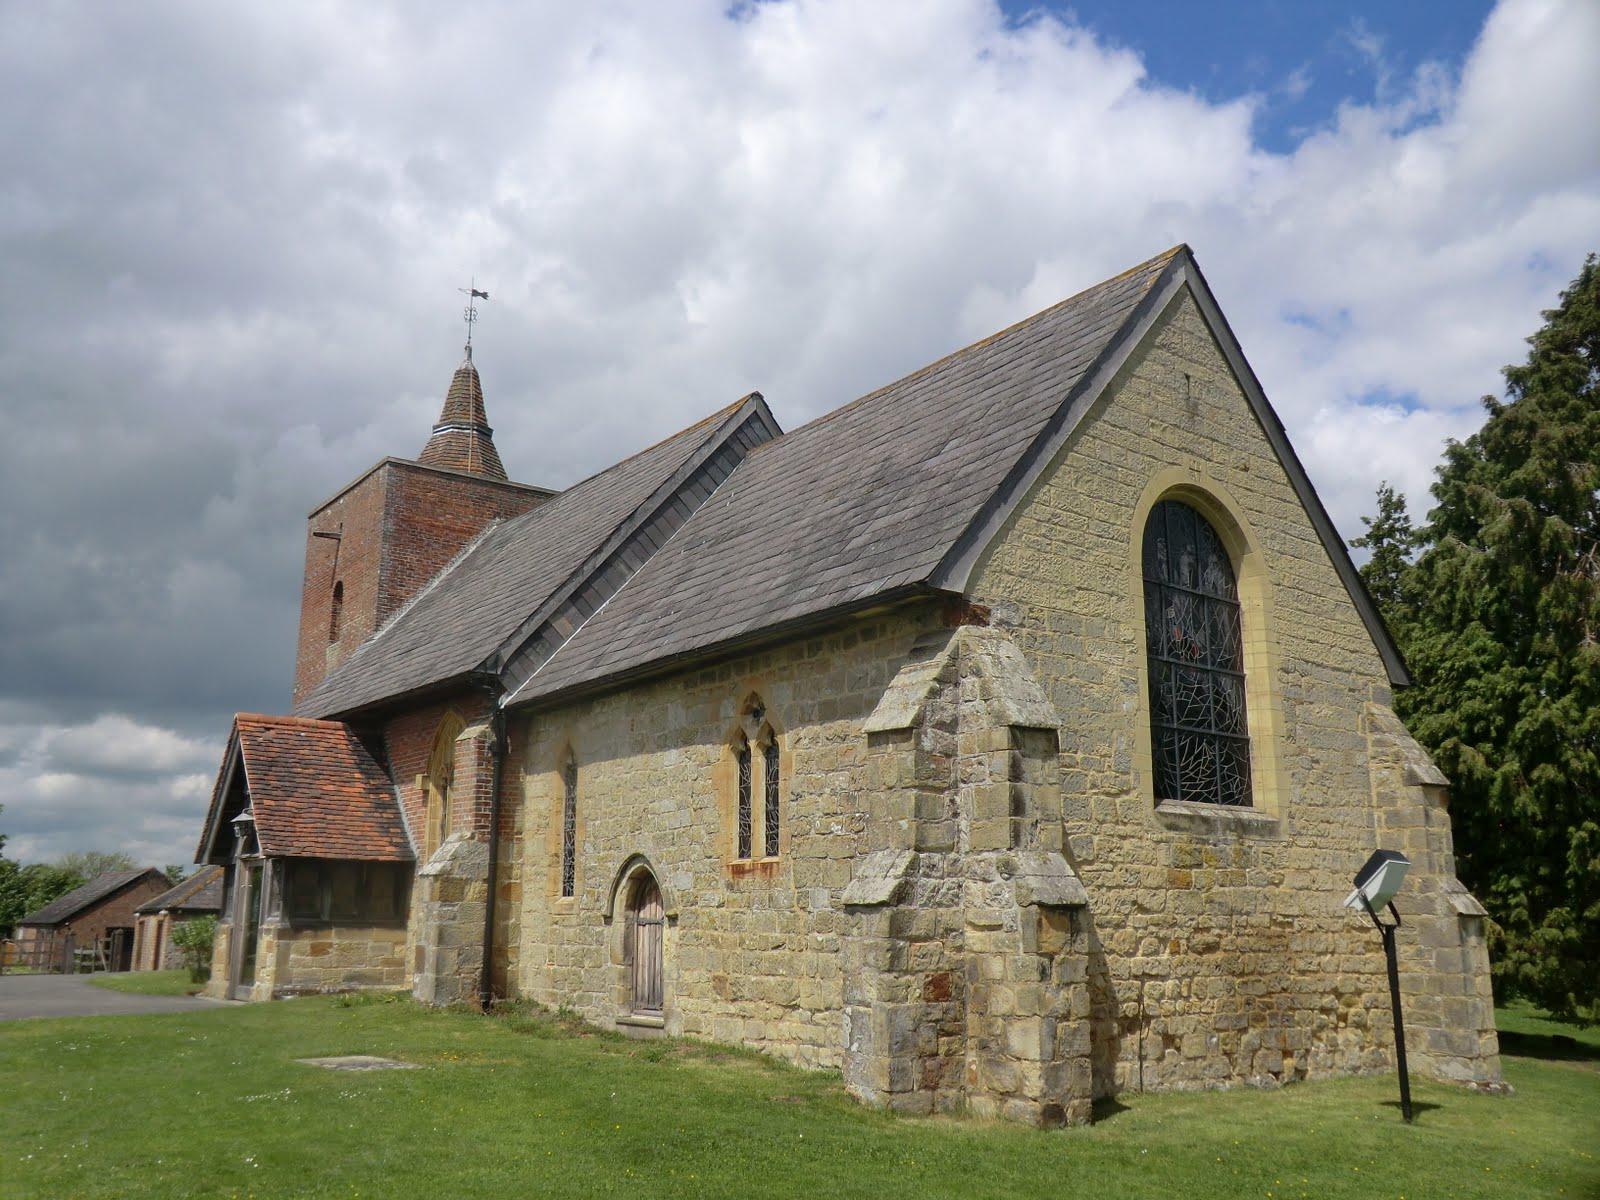 CIMG1553 All Saints church, Tudeley